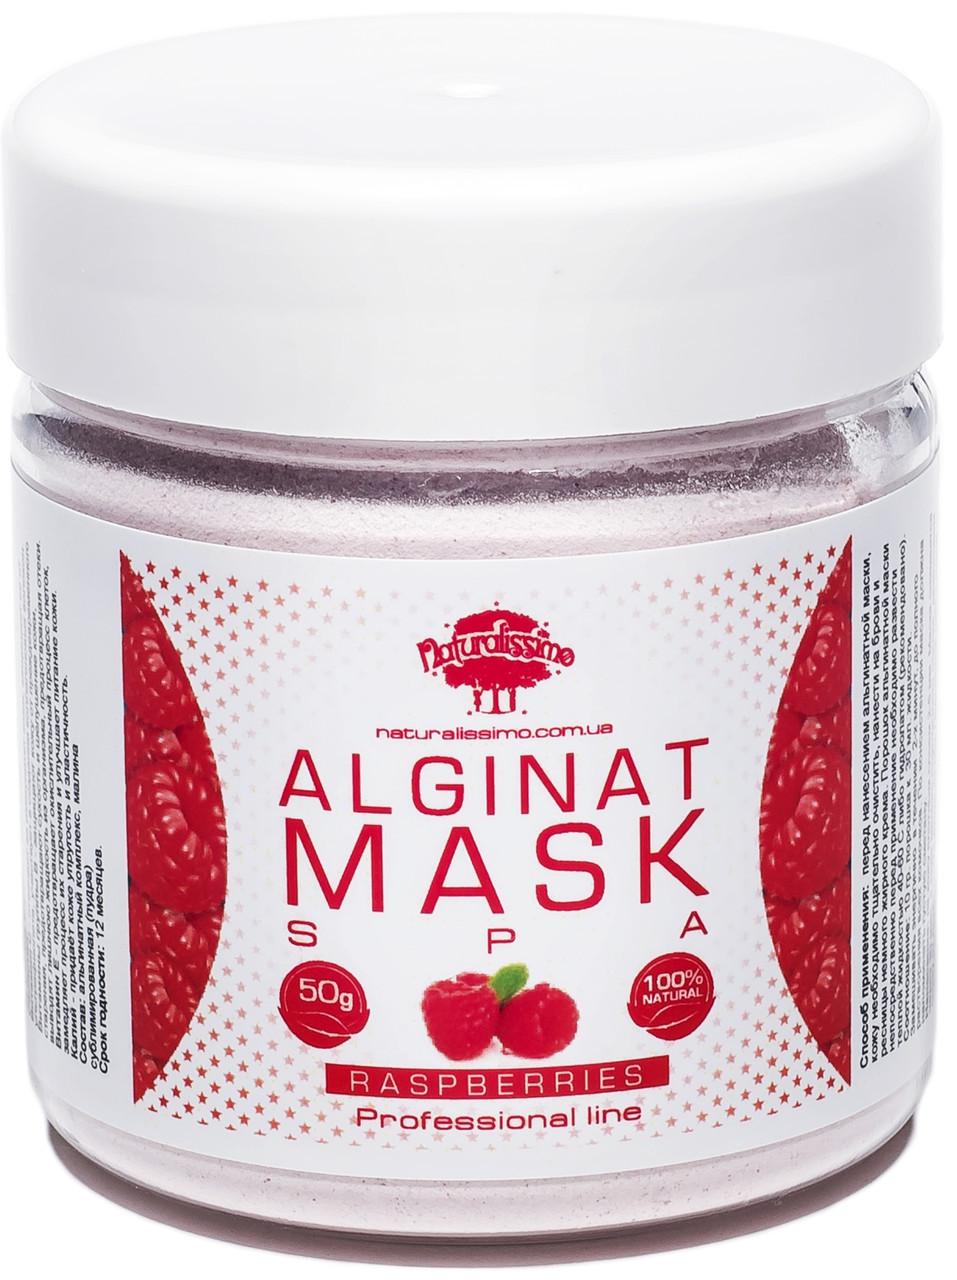 Альгинатная маска с малиной, 50 г